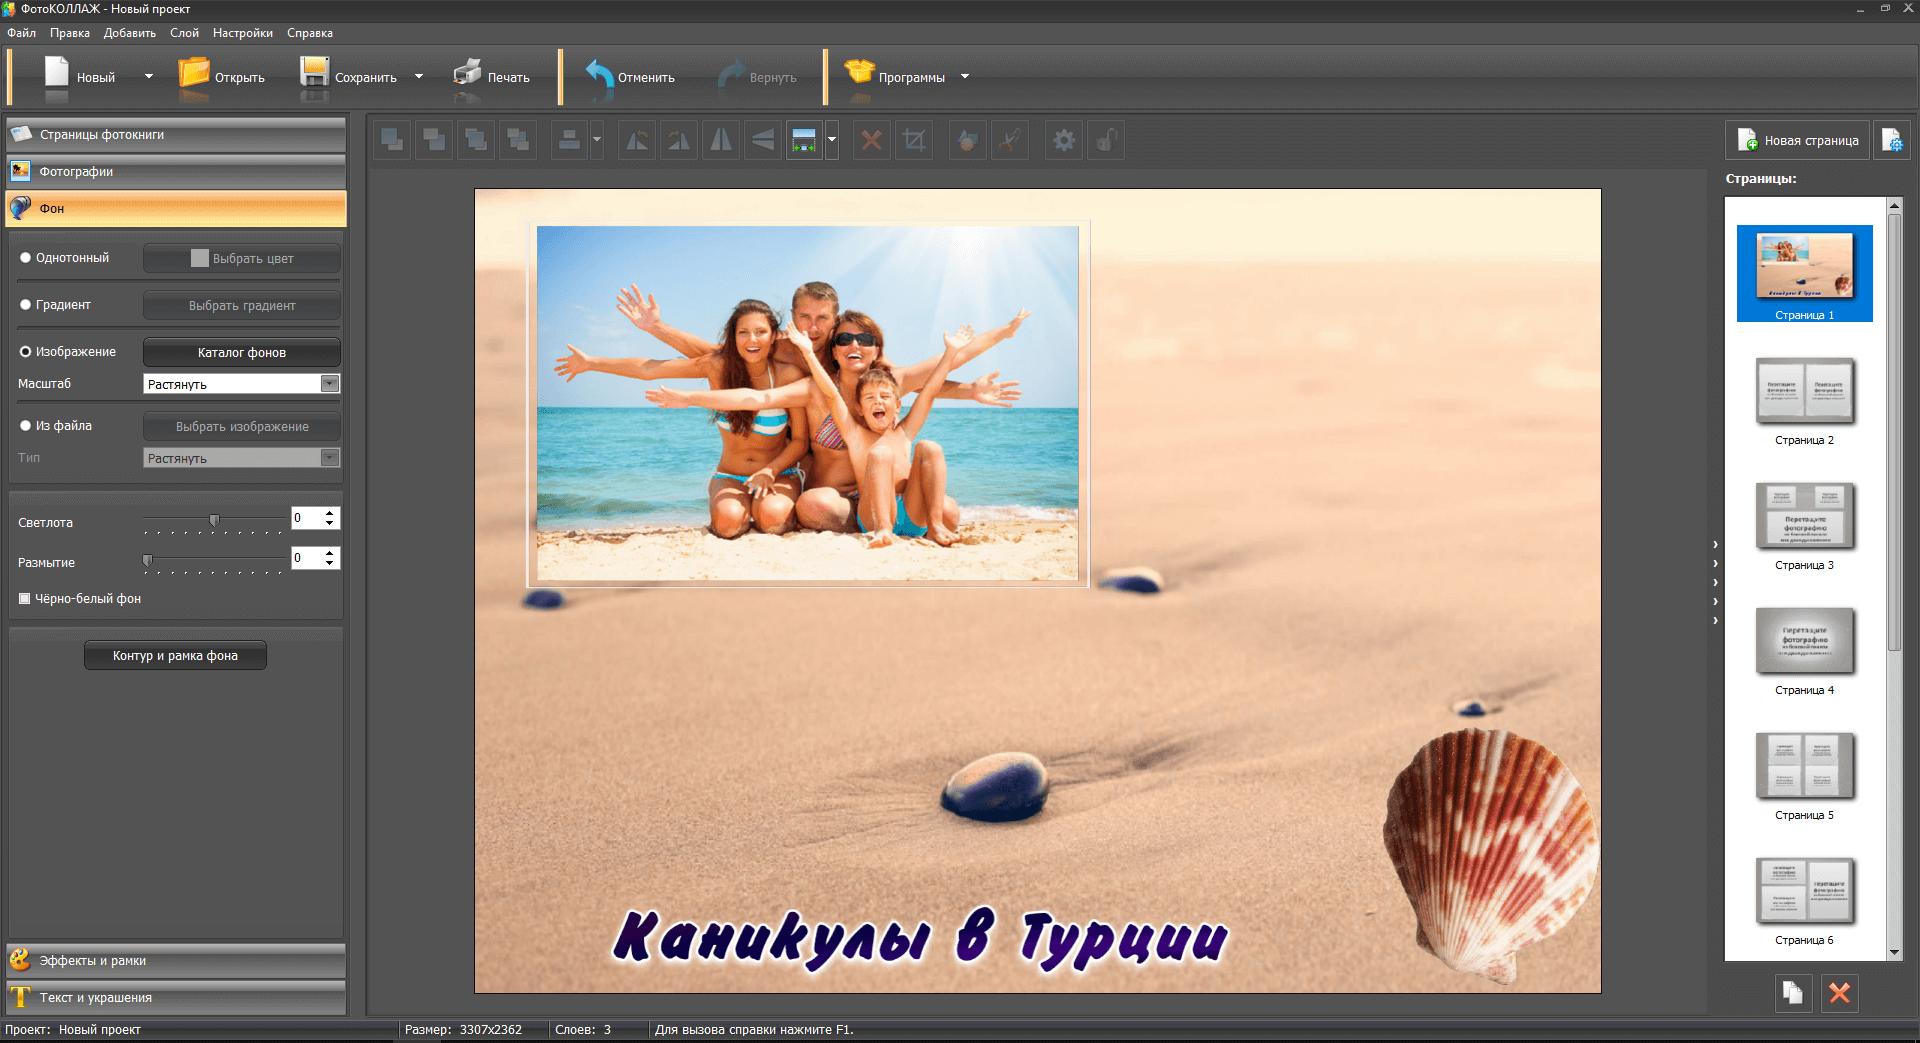 Настройка фона фотоальбома в программе ФотоКОЛЛАЖ